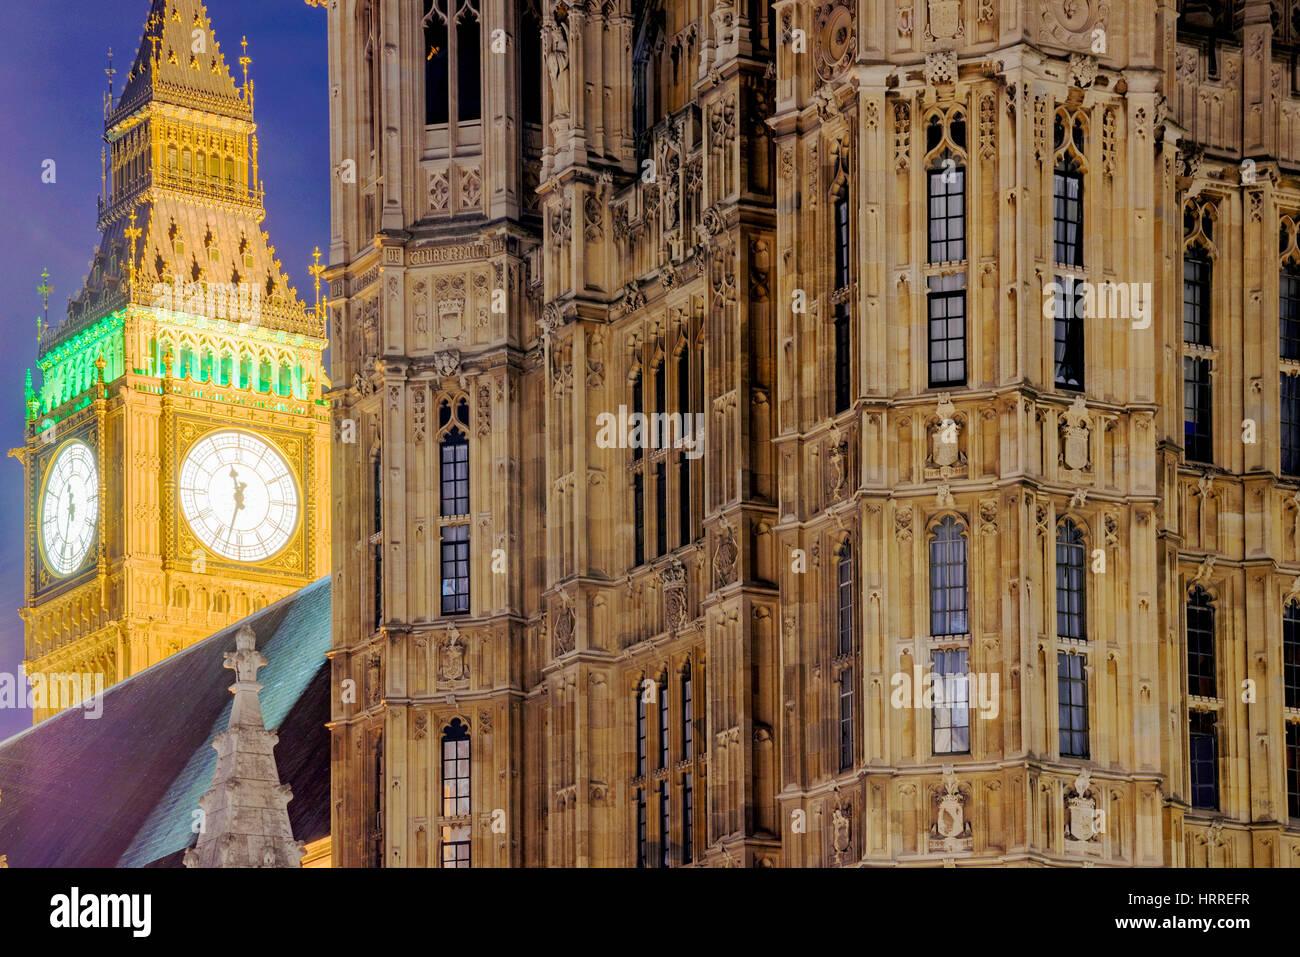 Big Ben Clock Close Up Stock Photos & Big Ben Clock Close ...